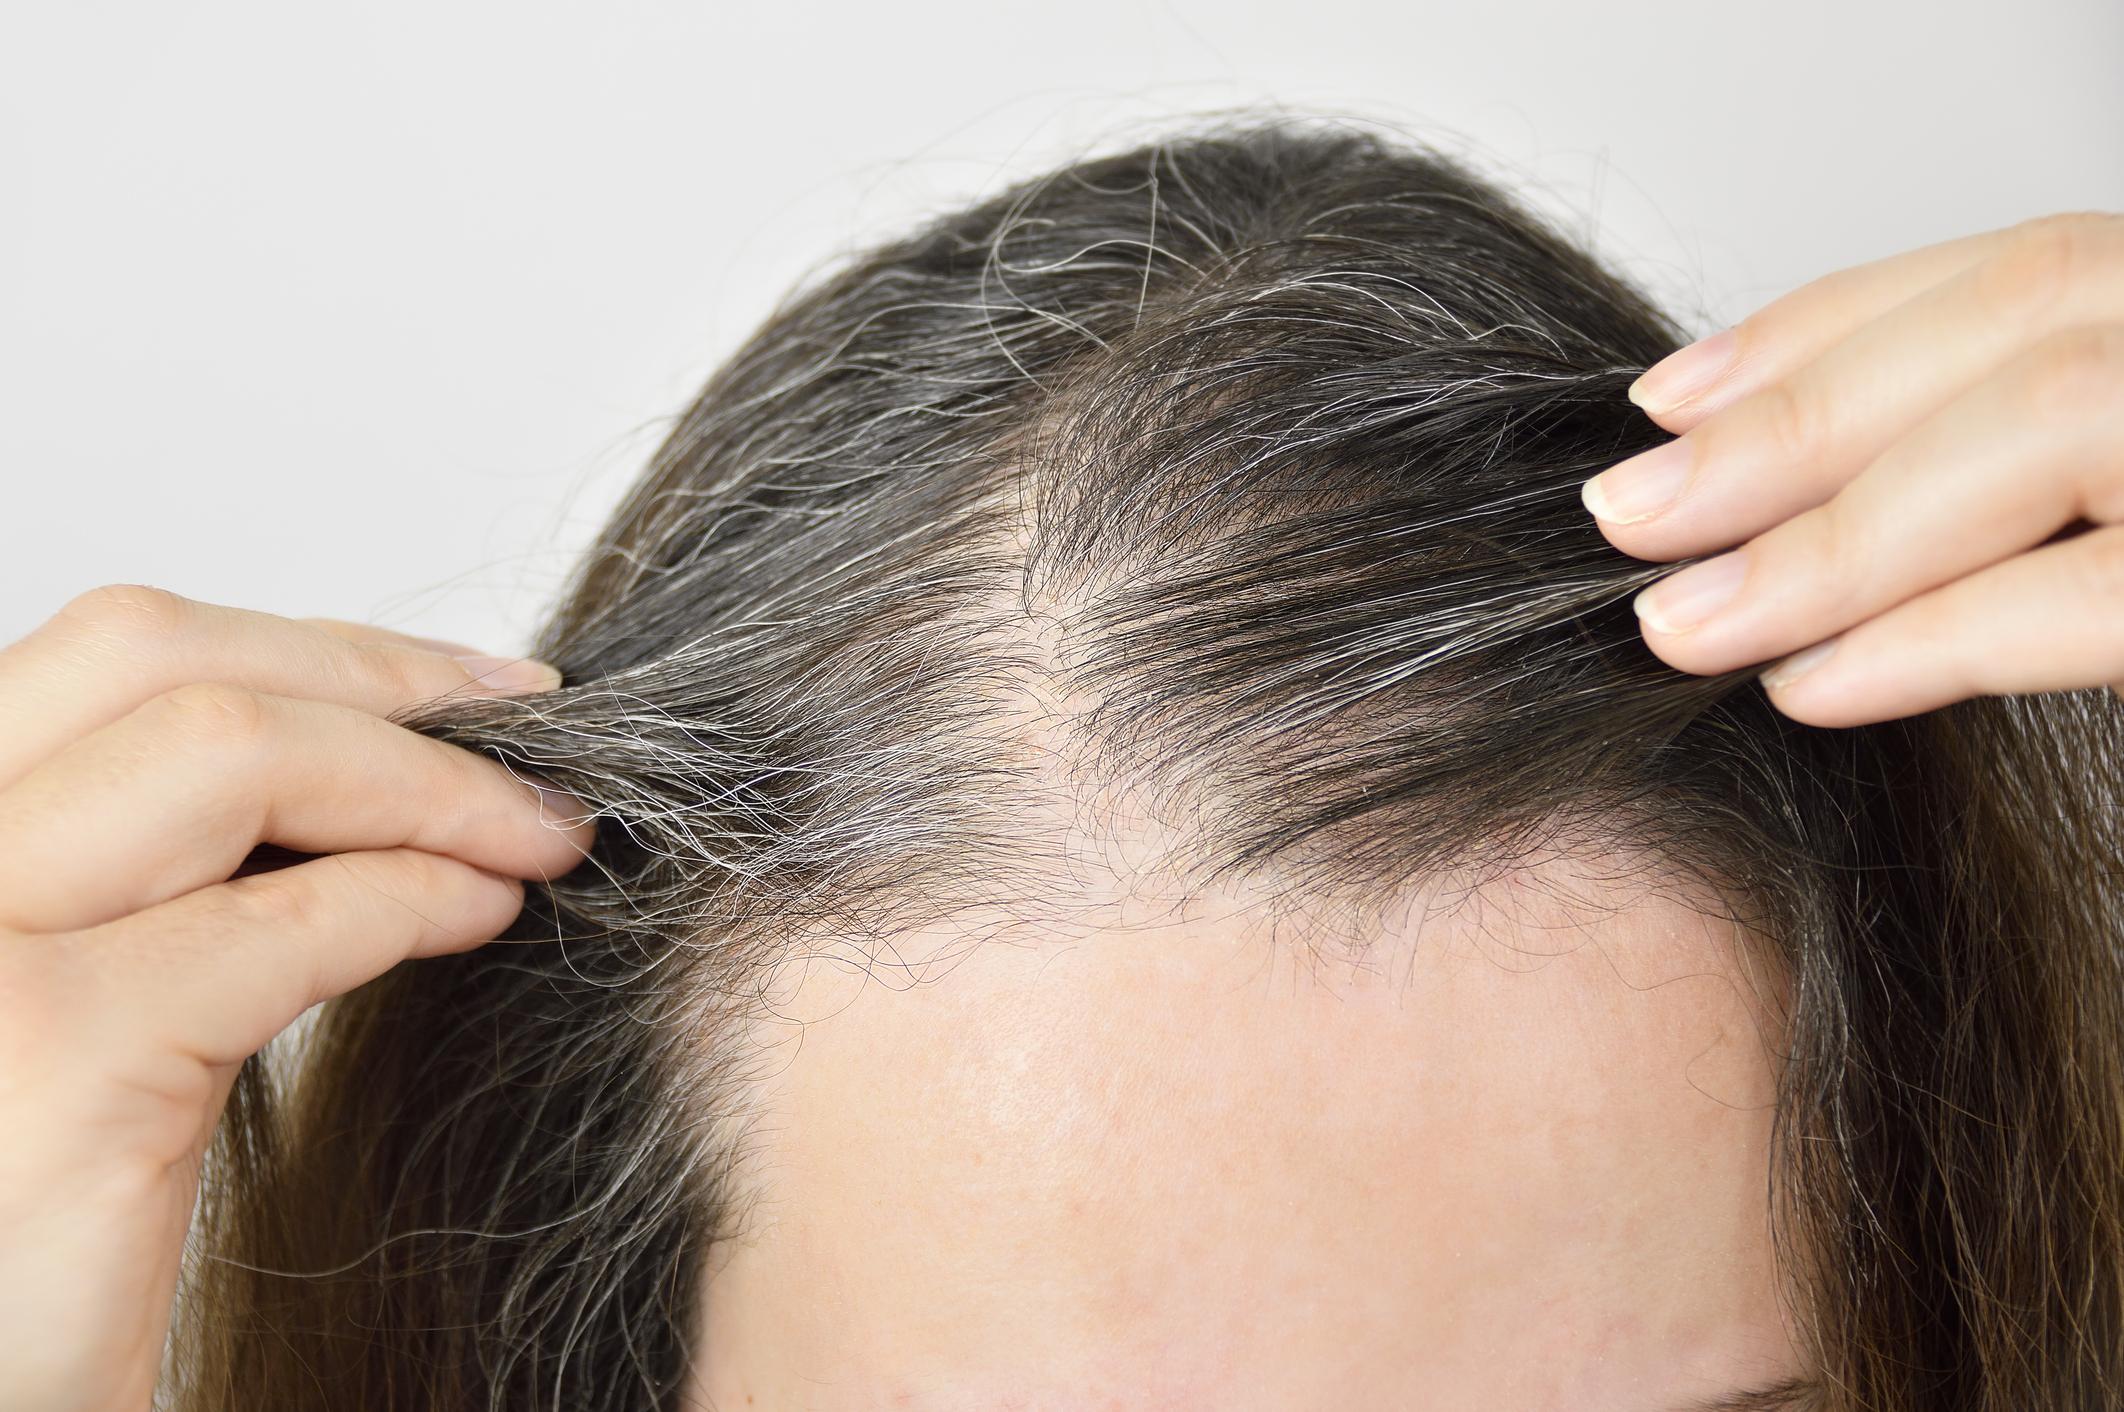 Graue Haare Natürlich Färben Mit Diesen Tricks Gelingts Desiredde